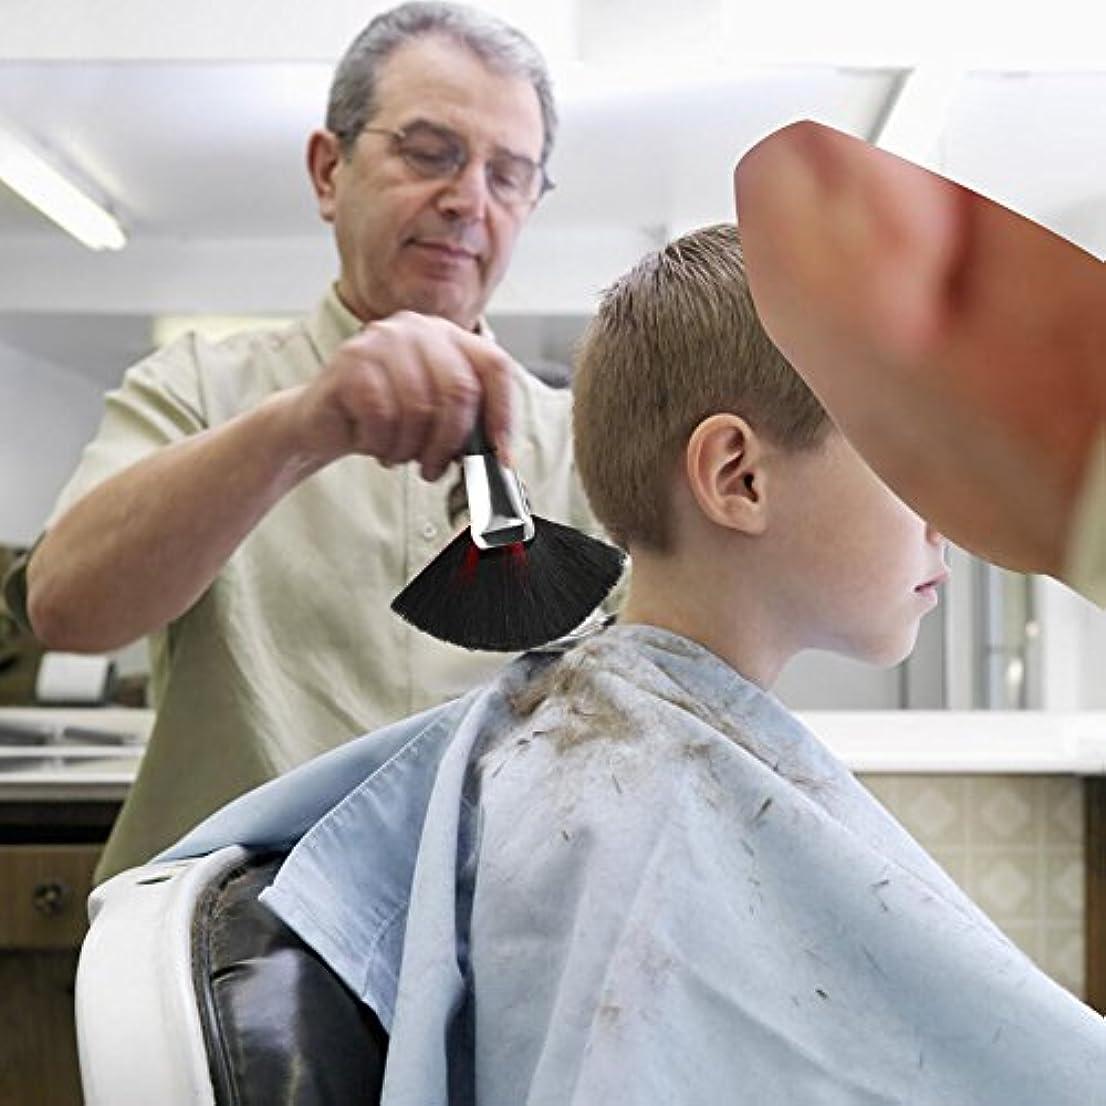 印刷する博覧会素晴らしいです新型 理髪首ダストクリーンブラシ黒ソフトヘアカットサロンスタイリングツール用理髪